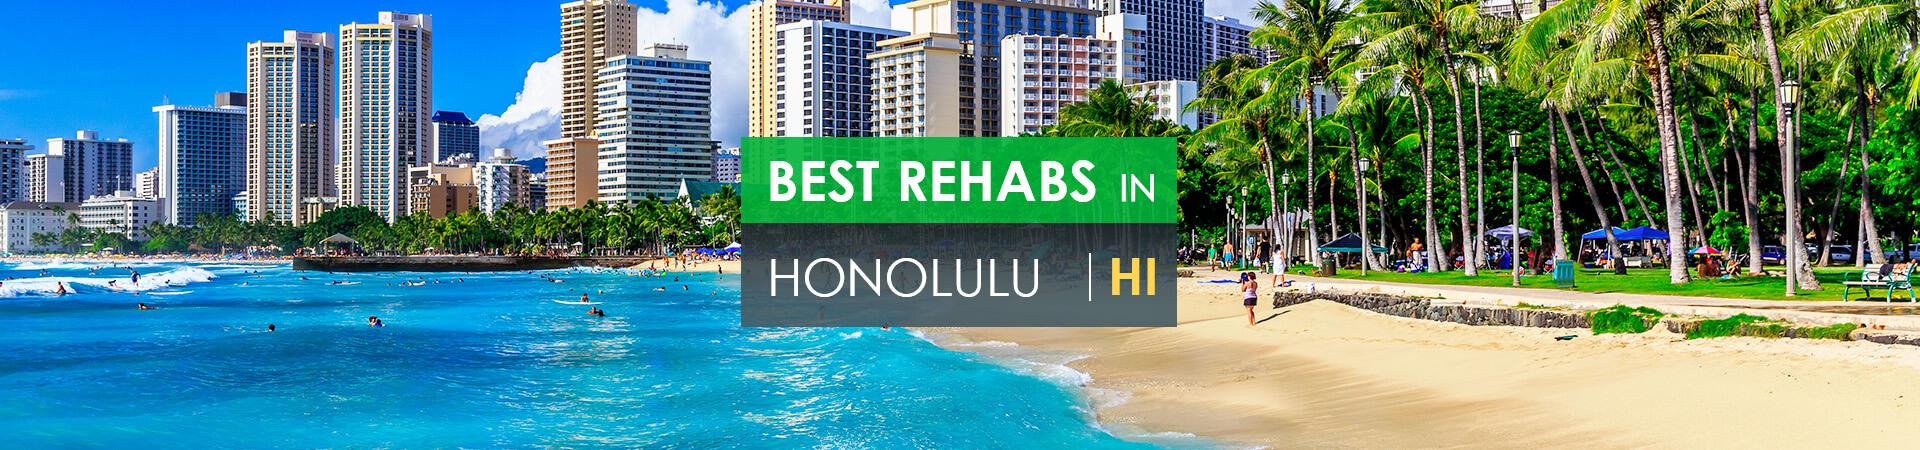 Best rehabs in Honolulu, HI